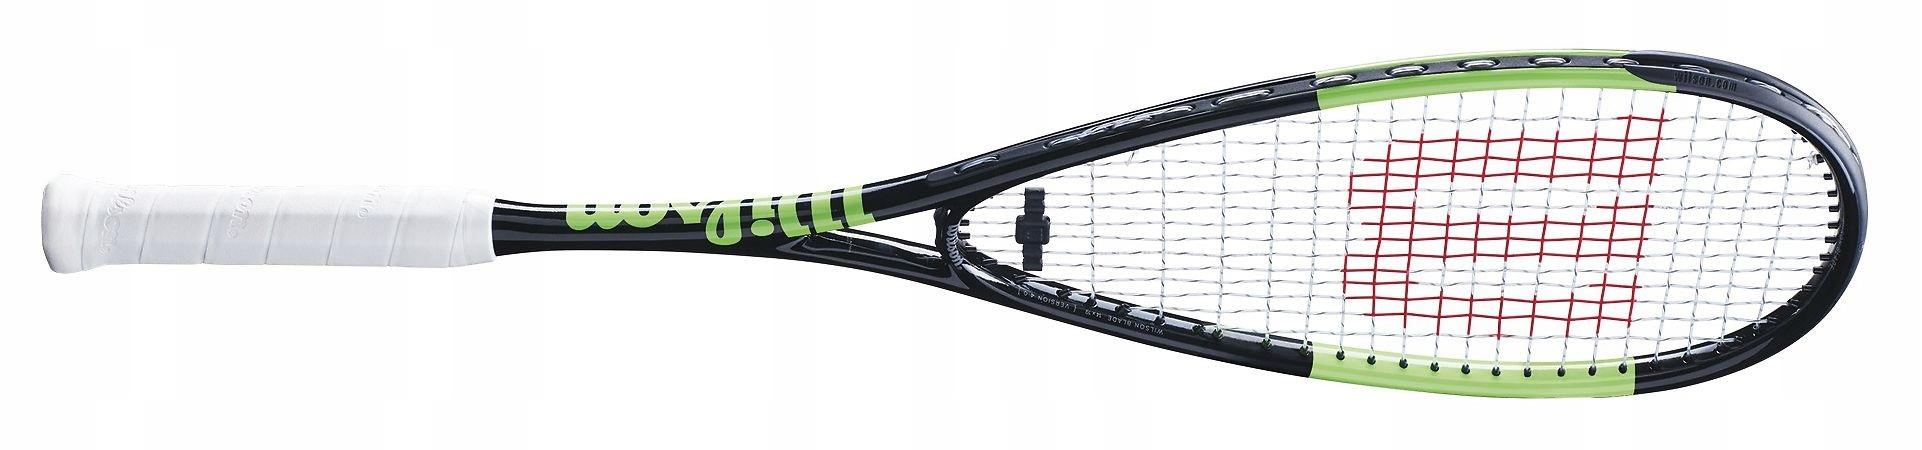 Squash raketa Wilson Čepele Tím